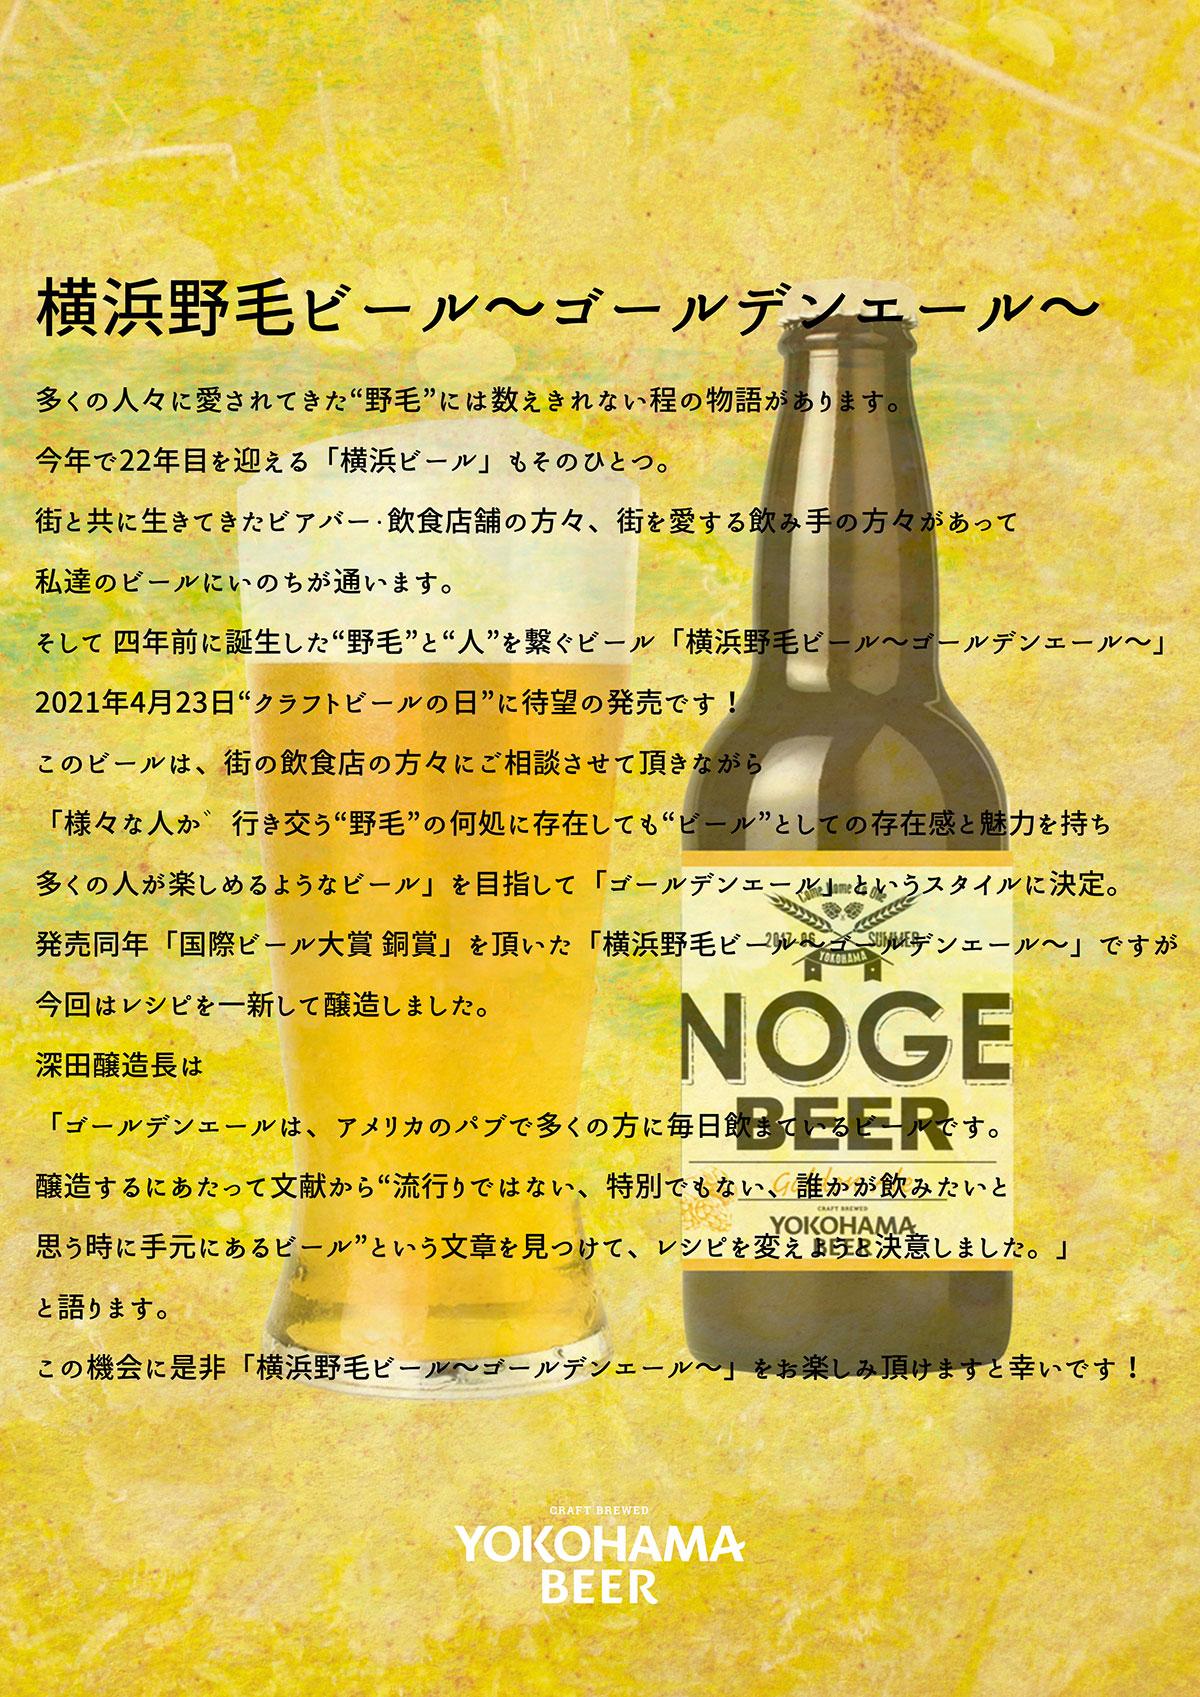 横浜野毛ビール〜ゴールデンエール〜